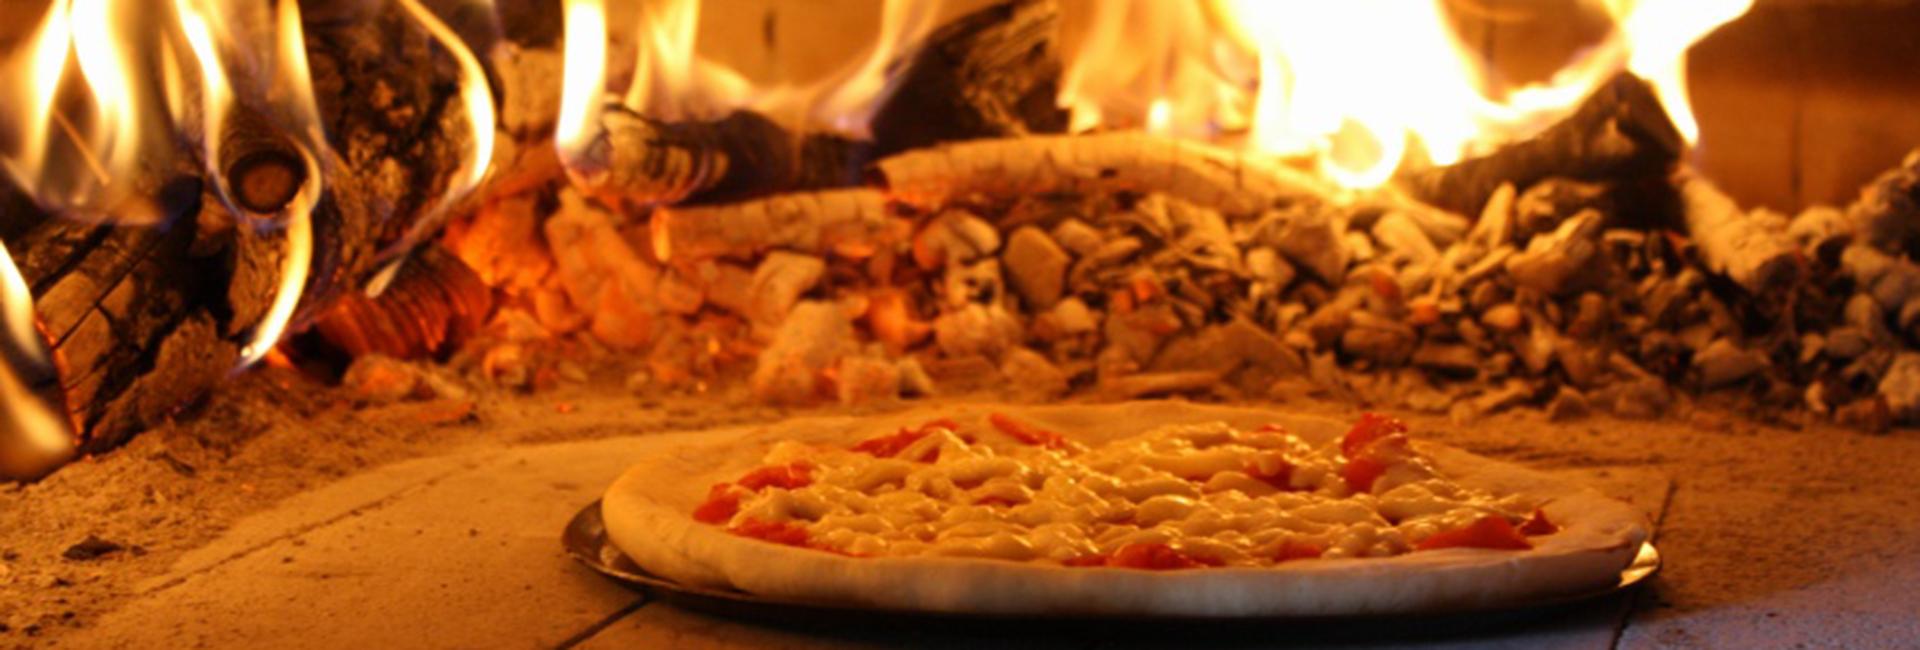 石窯でピザ焼き